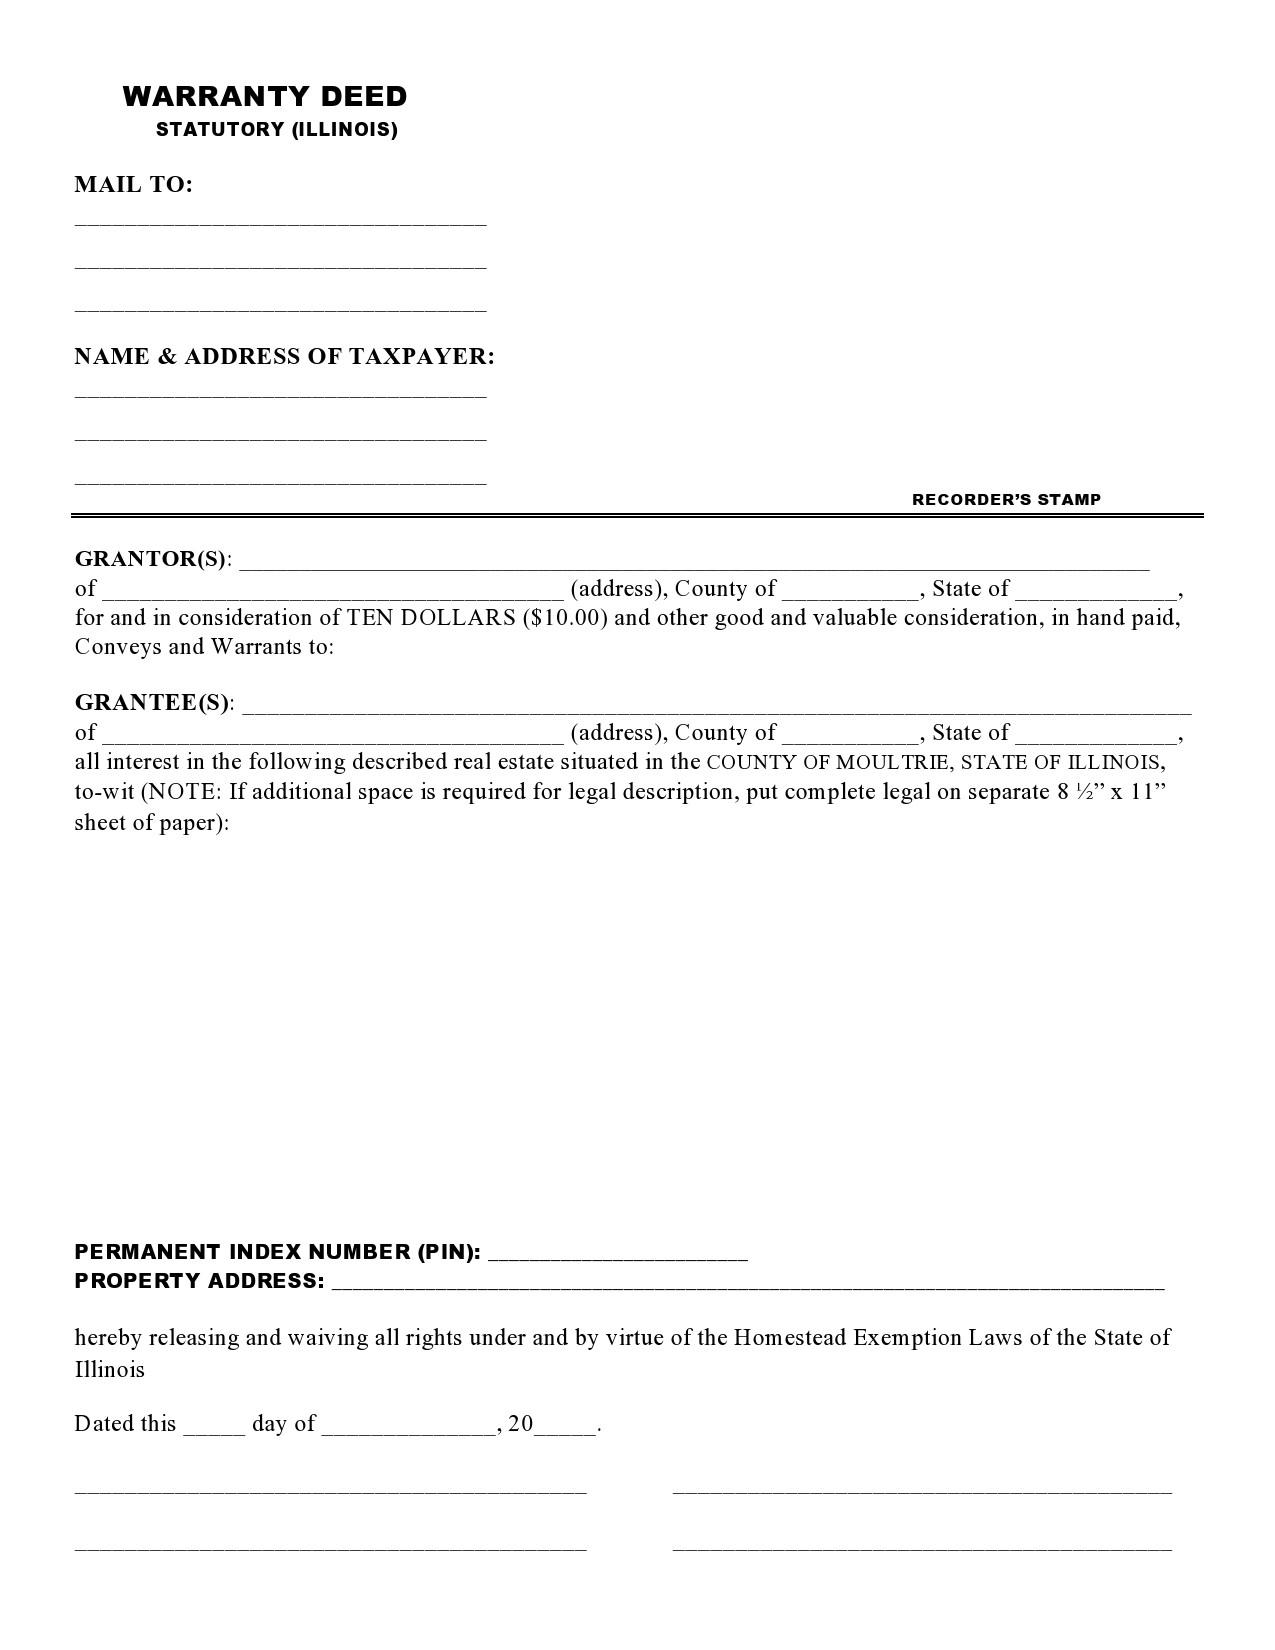 Free warranty deed form 34